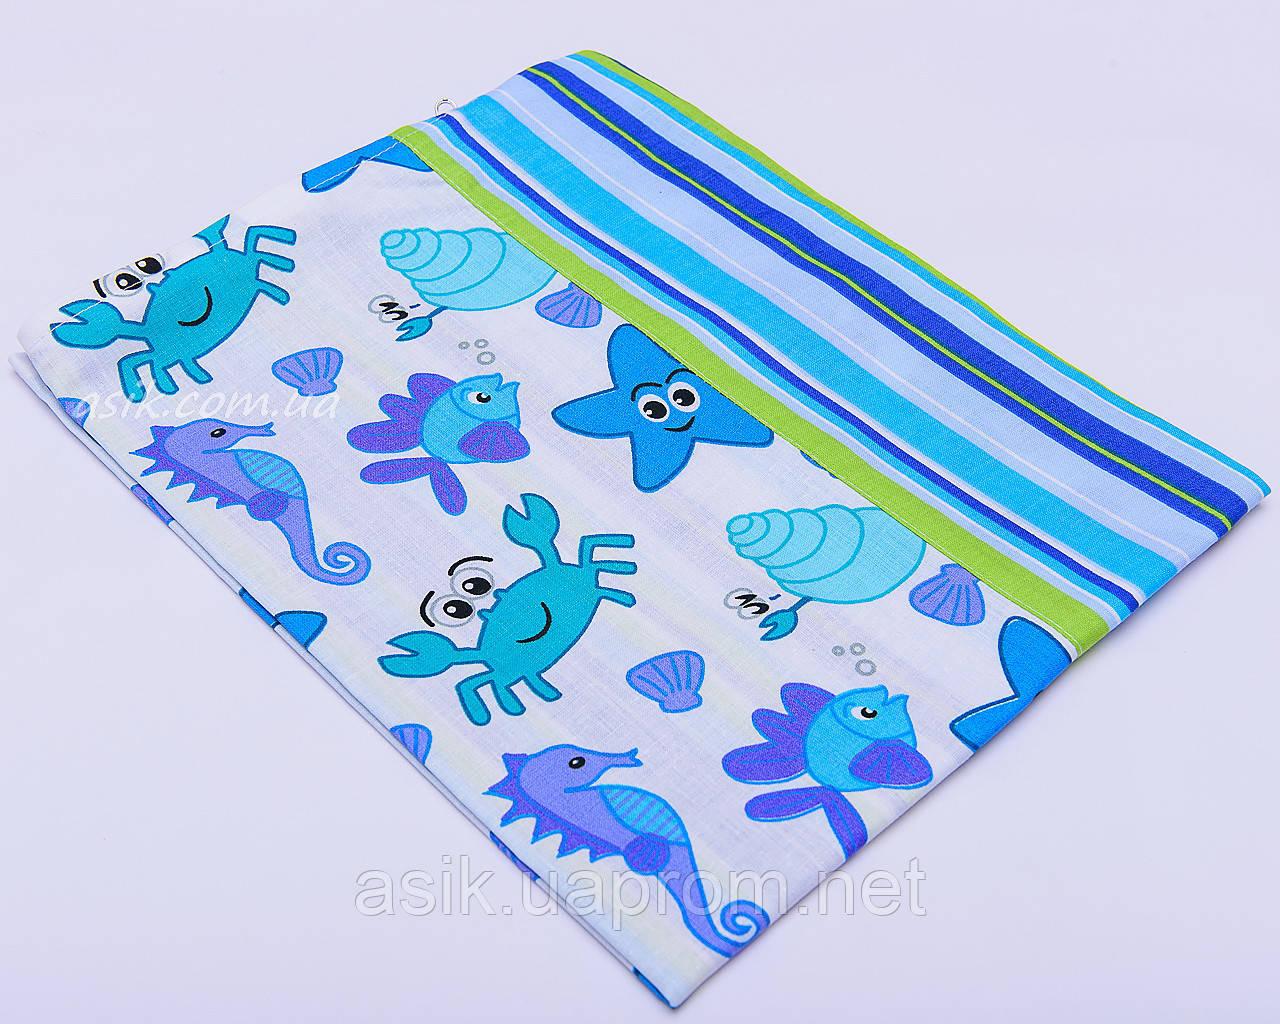 Наволочка комбинированная голубого цвета с крабами и полосками